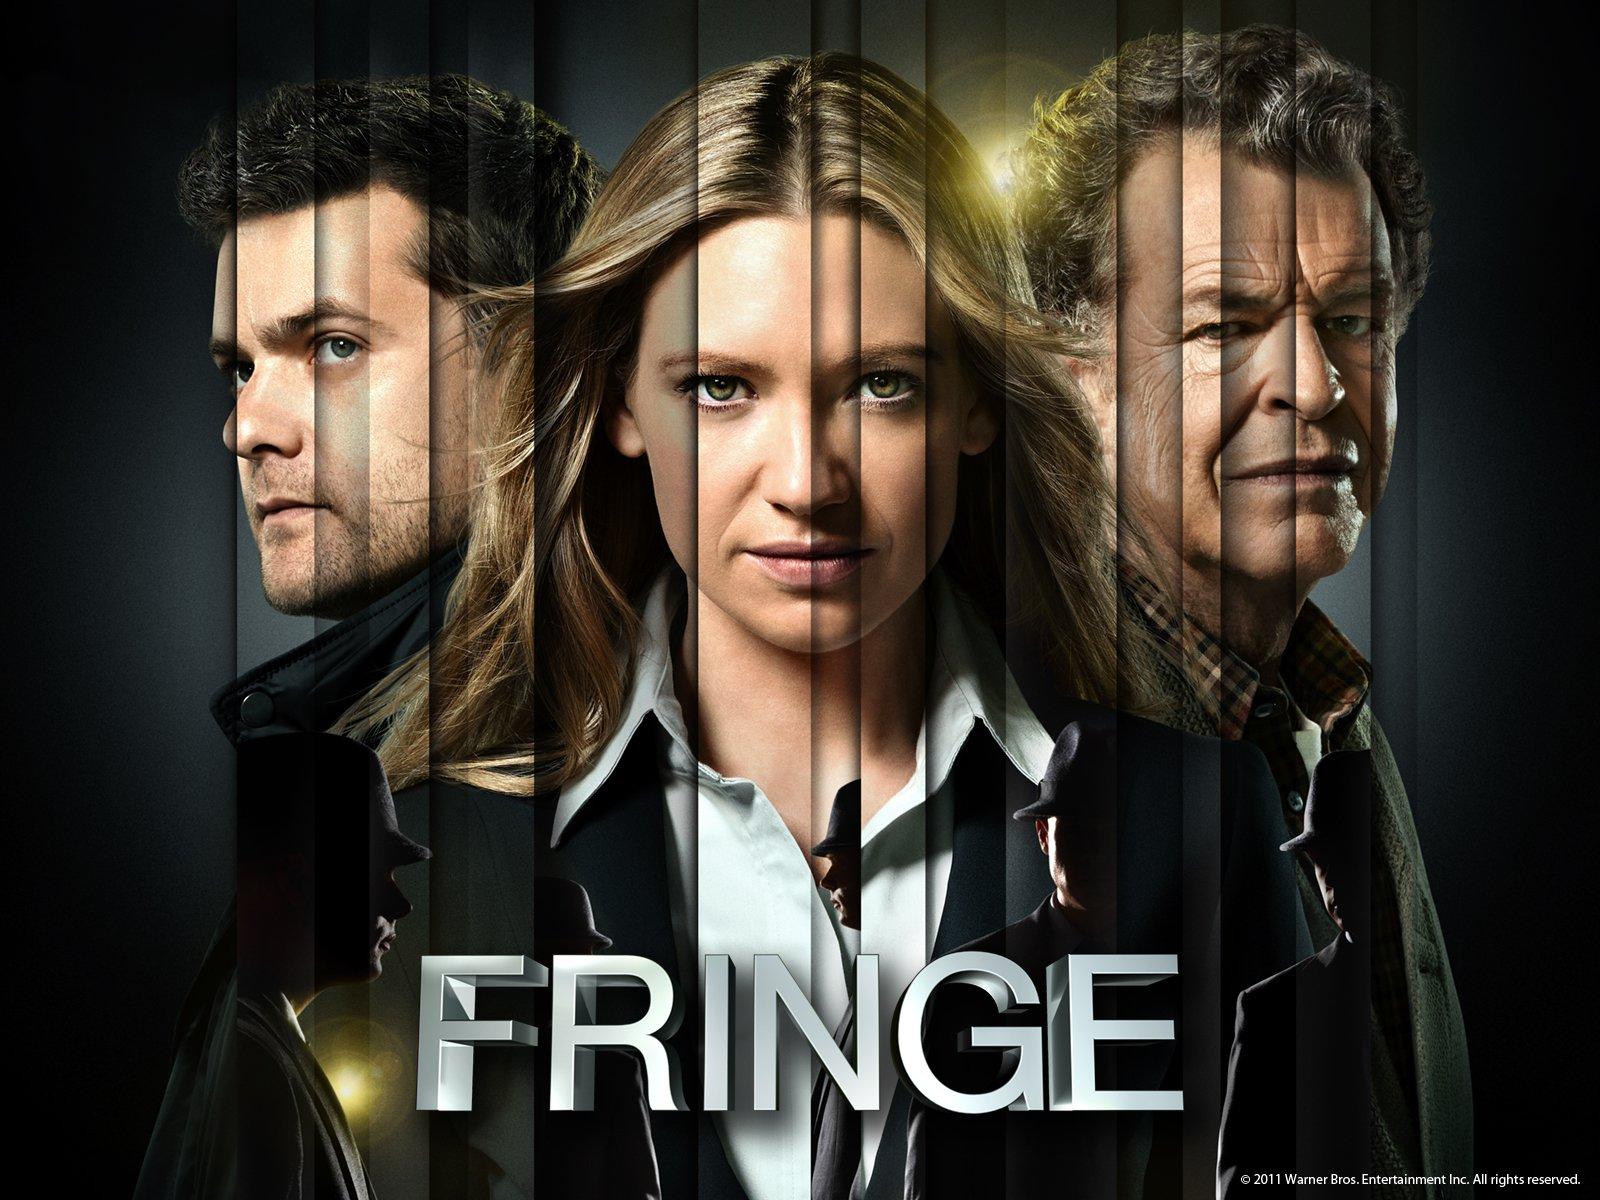 fringe season 1 episode 1 tubeplus